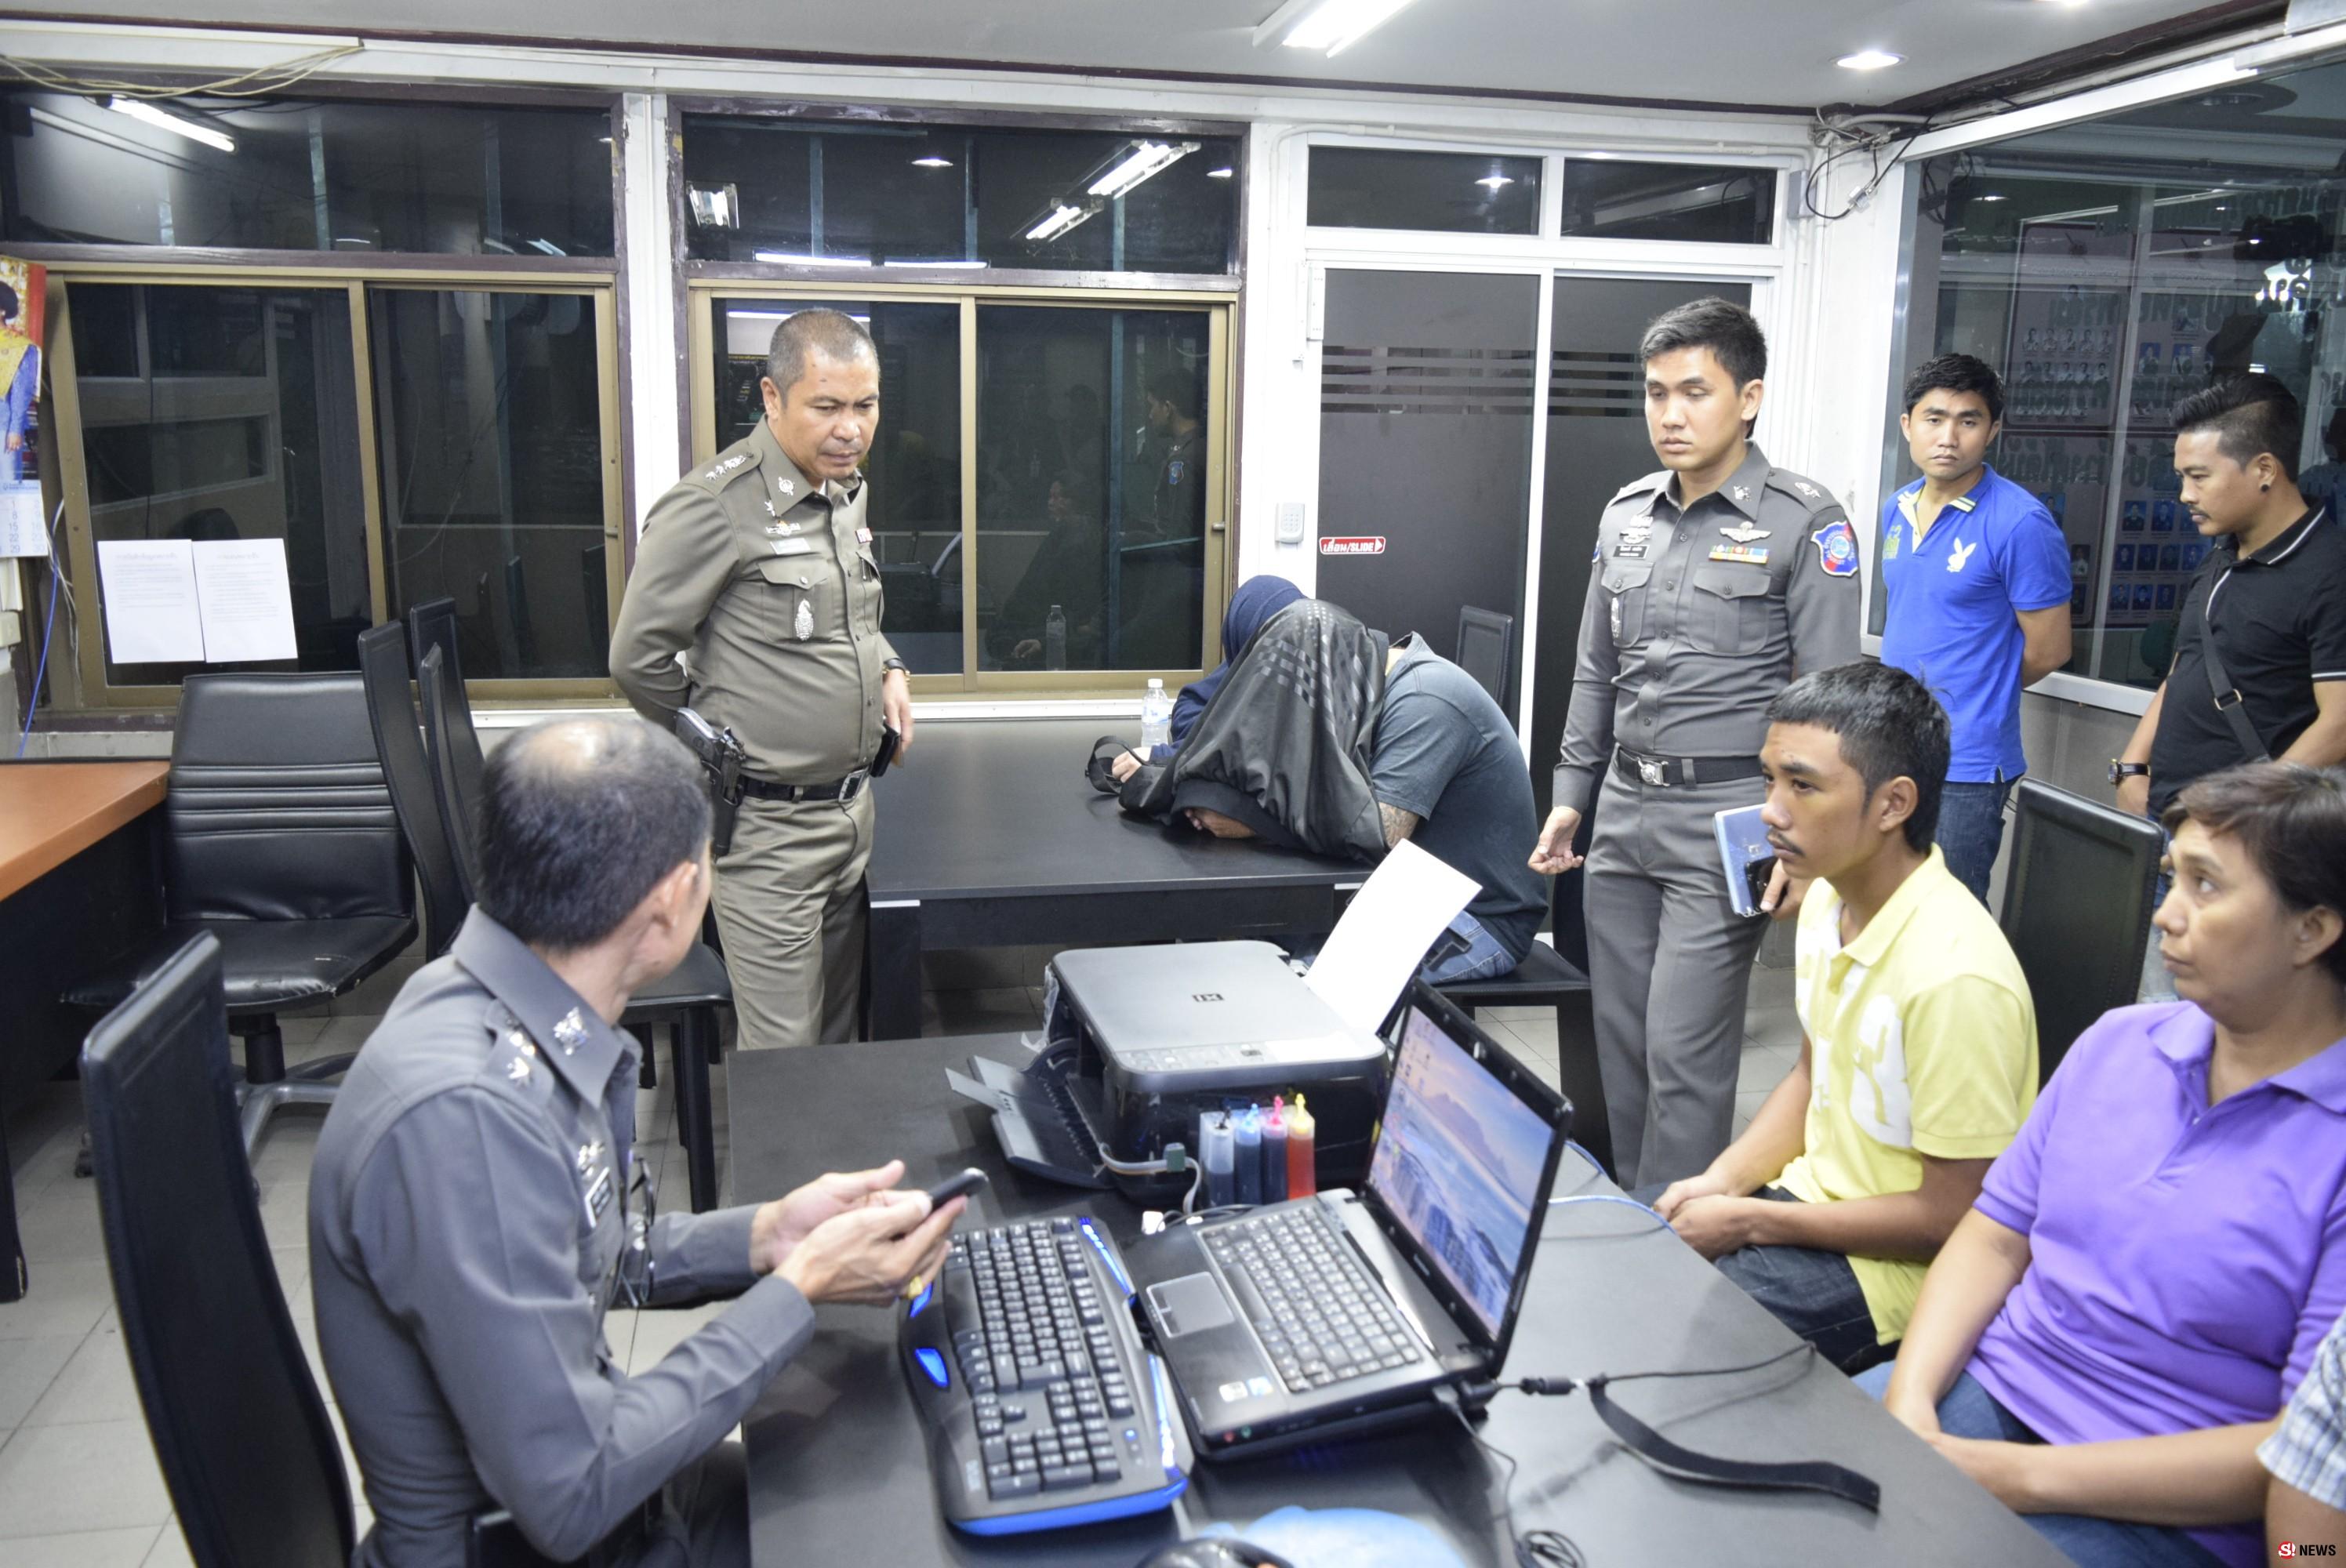 กลุ่มบิ๊กไบค์ฝรั่งรุมยำหนุ่มไทย ล่าสุด ยอมจ่ายค่าทำขวัญเป็นเงินนับแสน